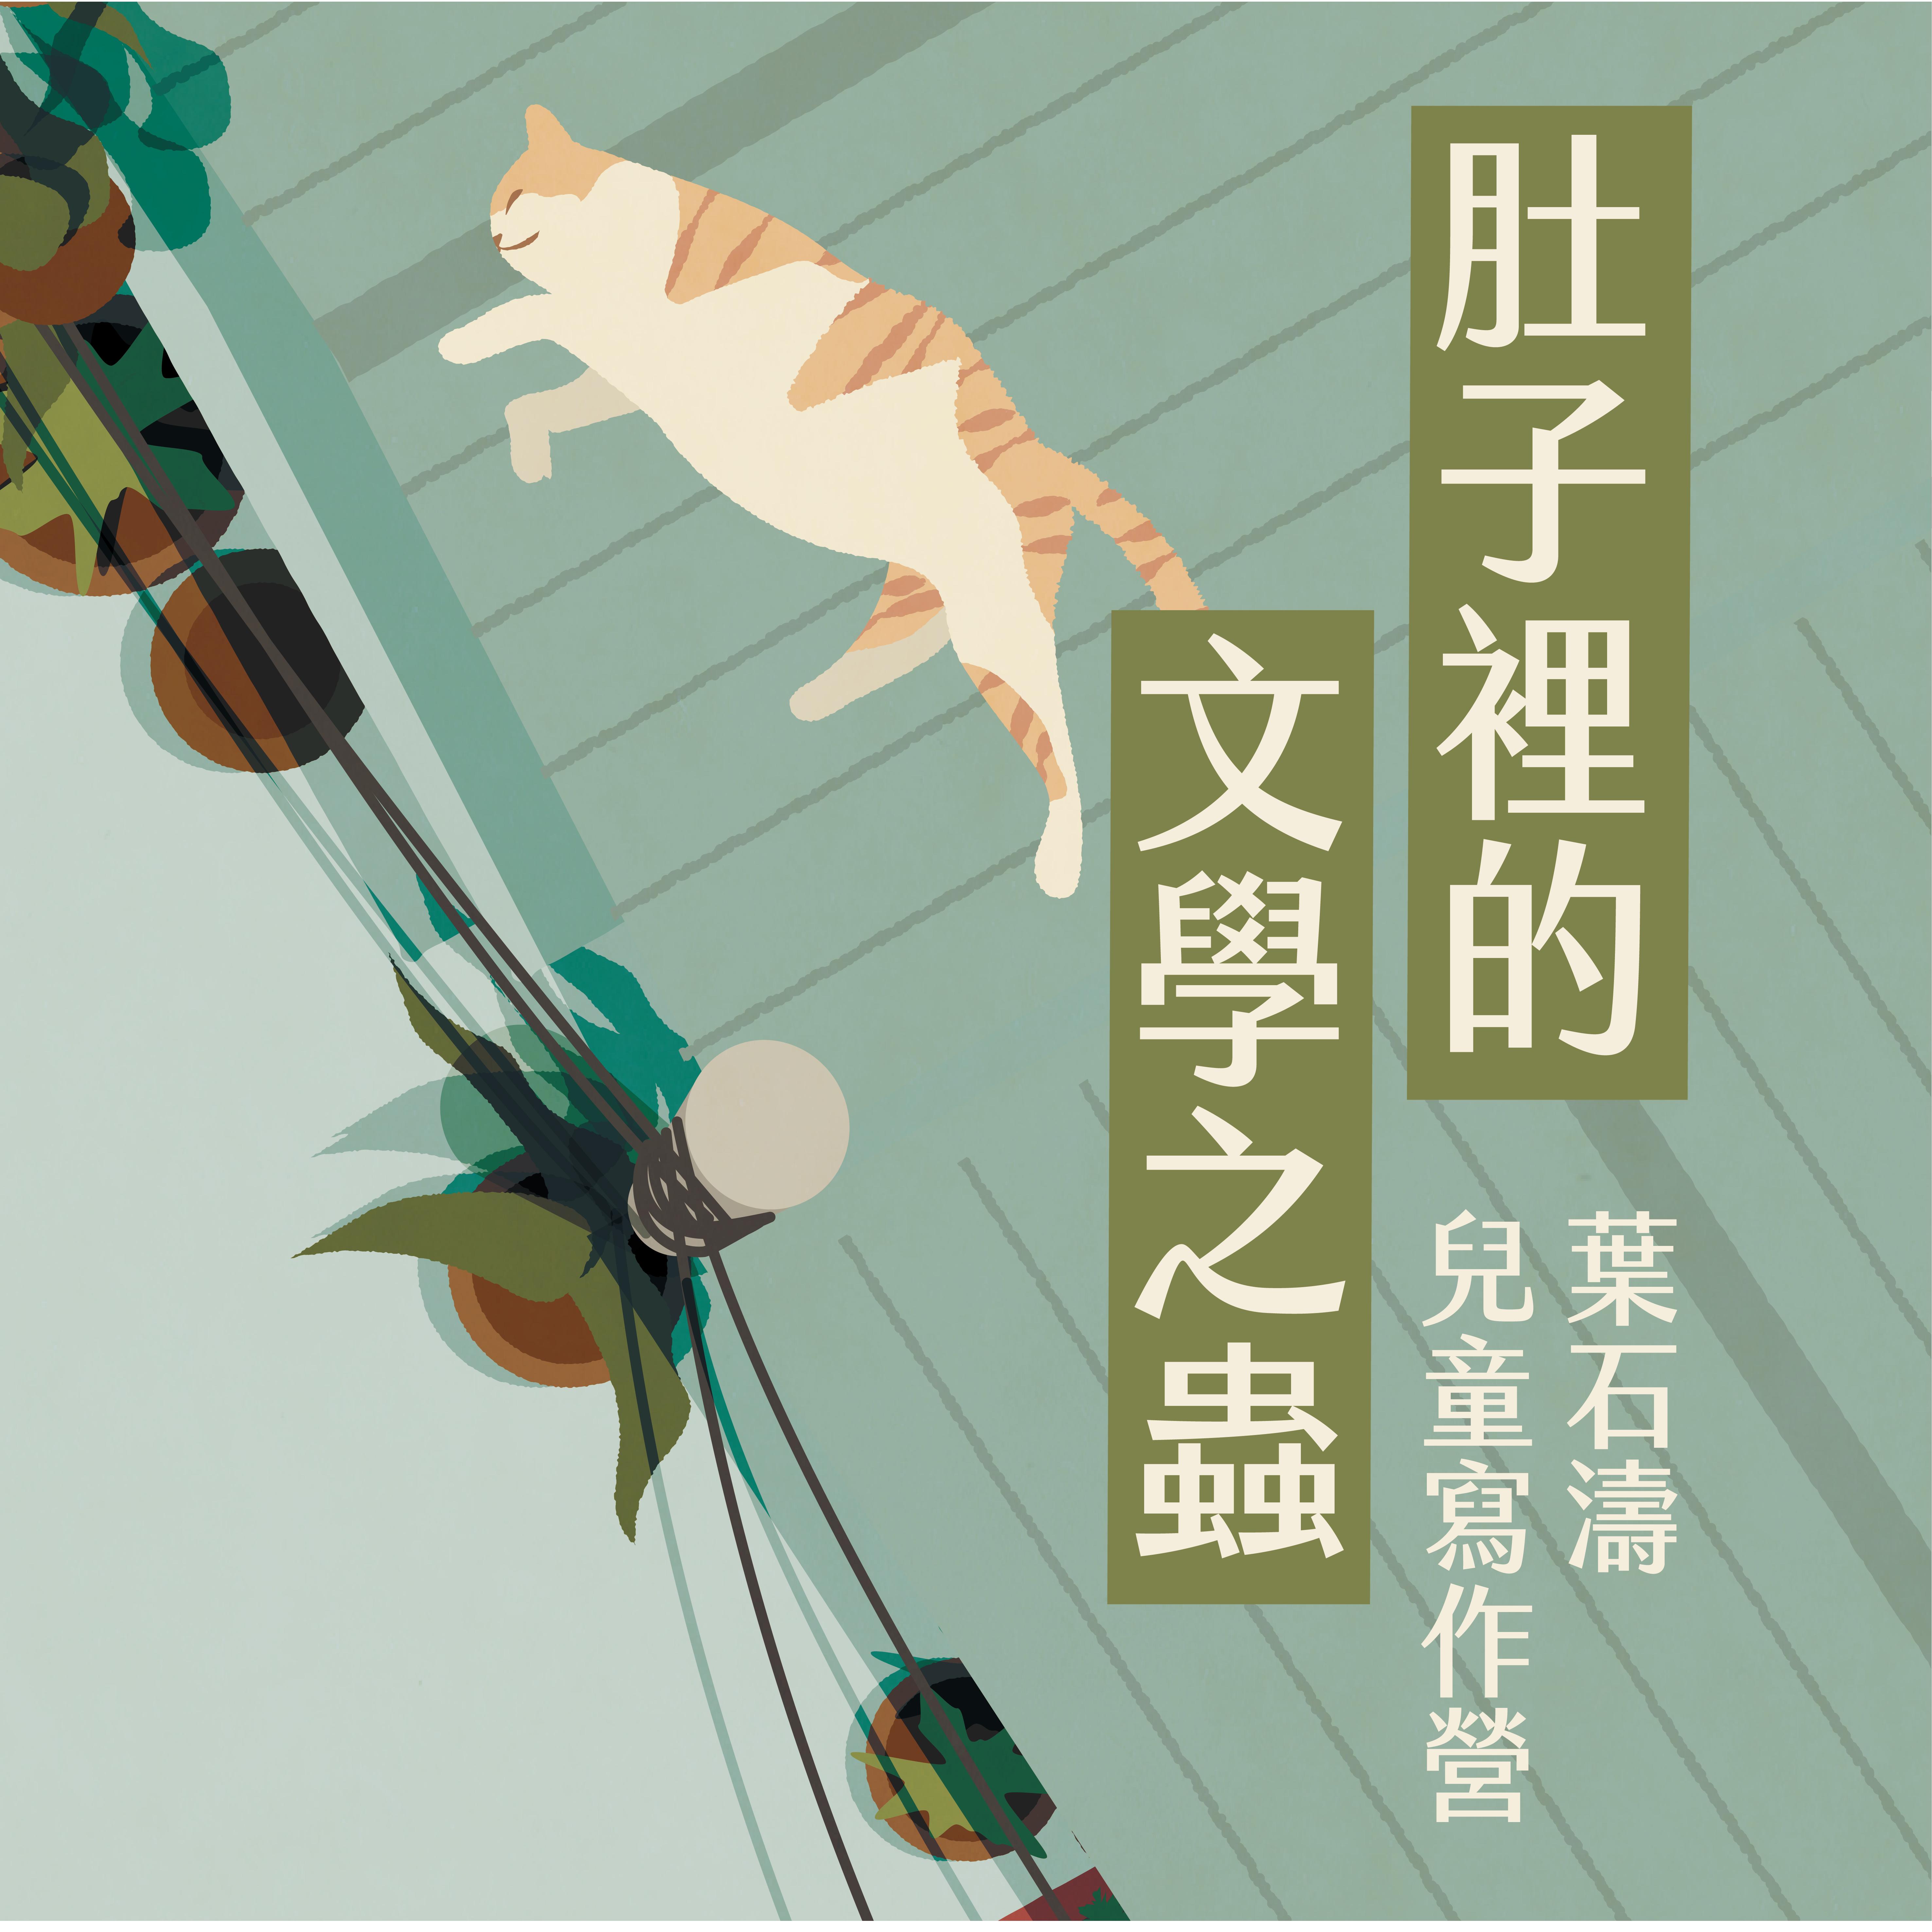 「葉老好吃驚」葉石濤兒童文學營-肚子裡的文學之蟲 EP.1蝸牛往上爬